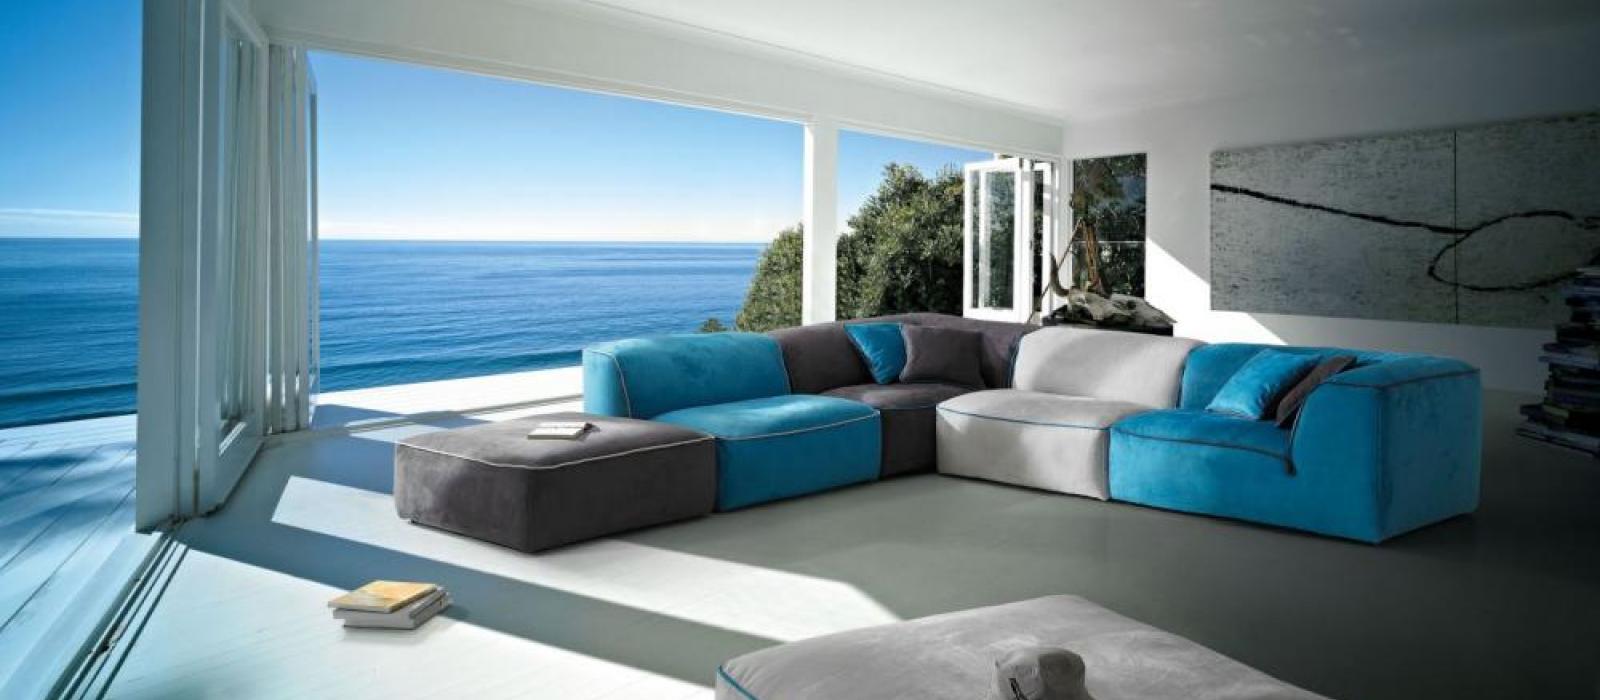 Canapé Modulable Grand Bleu